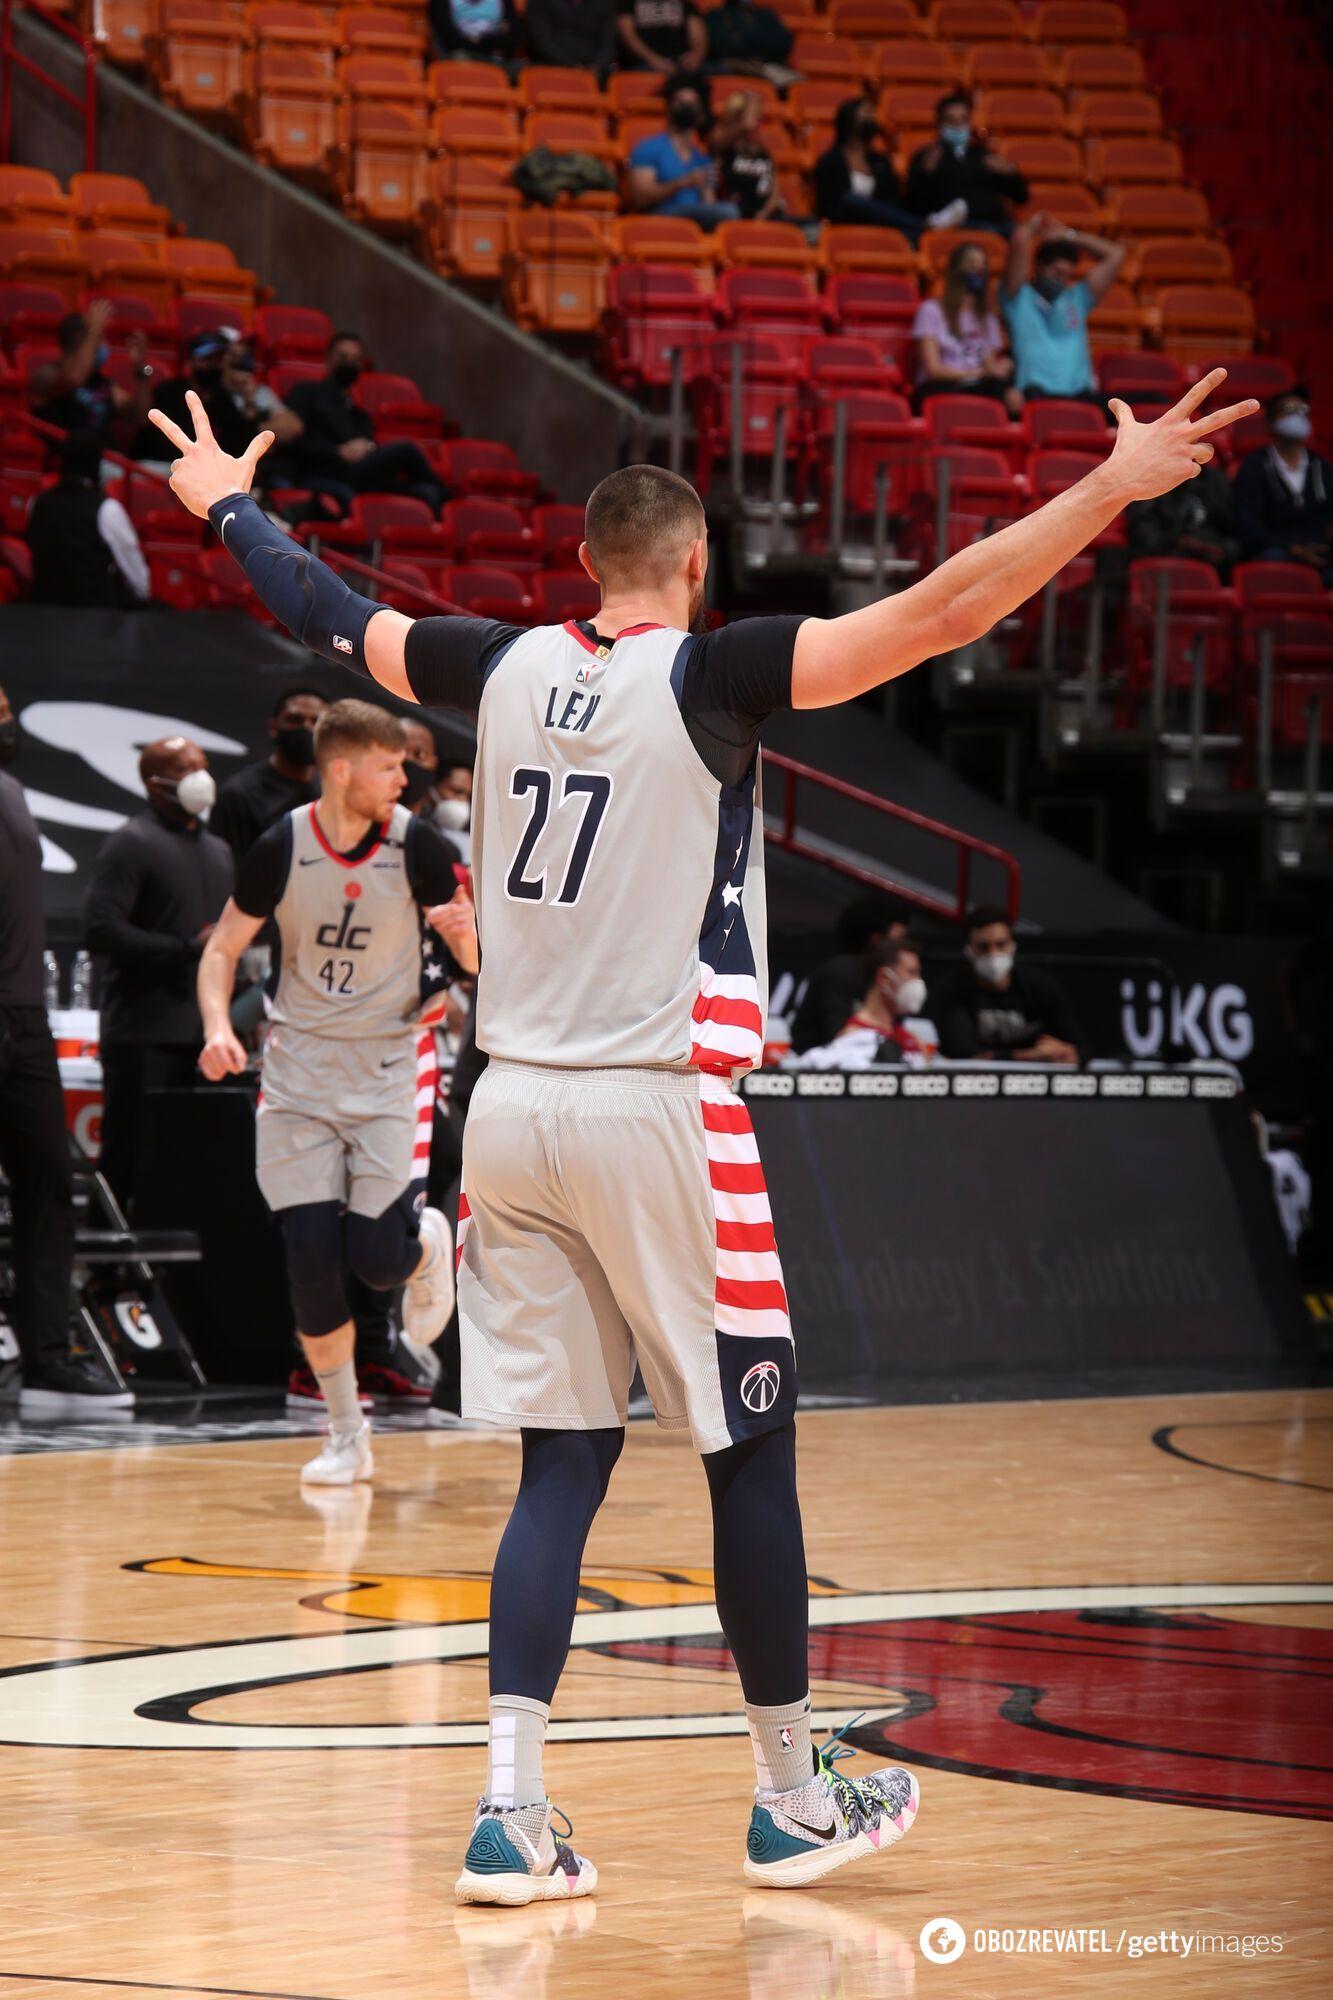 Олексій Лень в матчі НБА